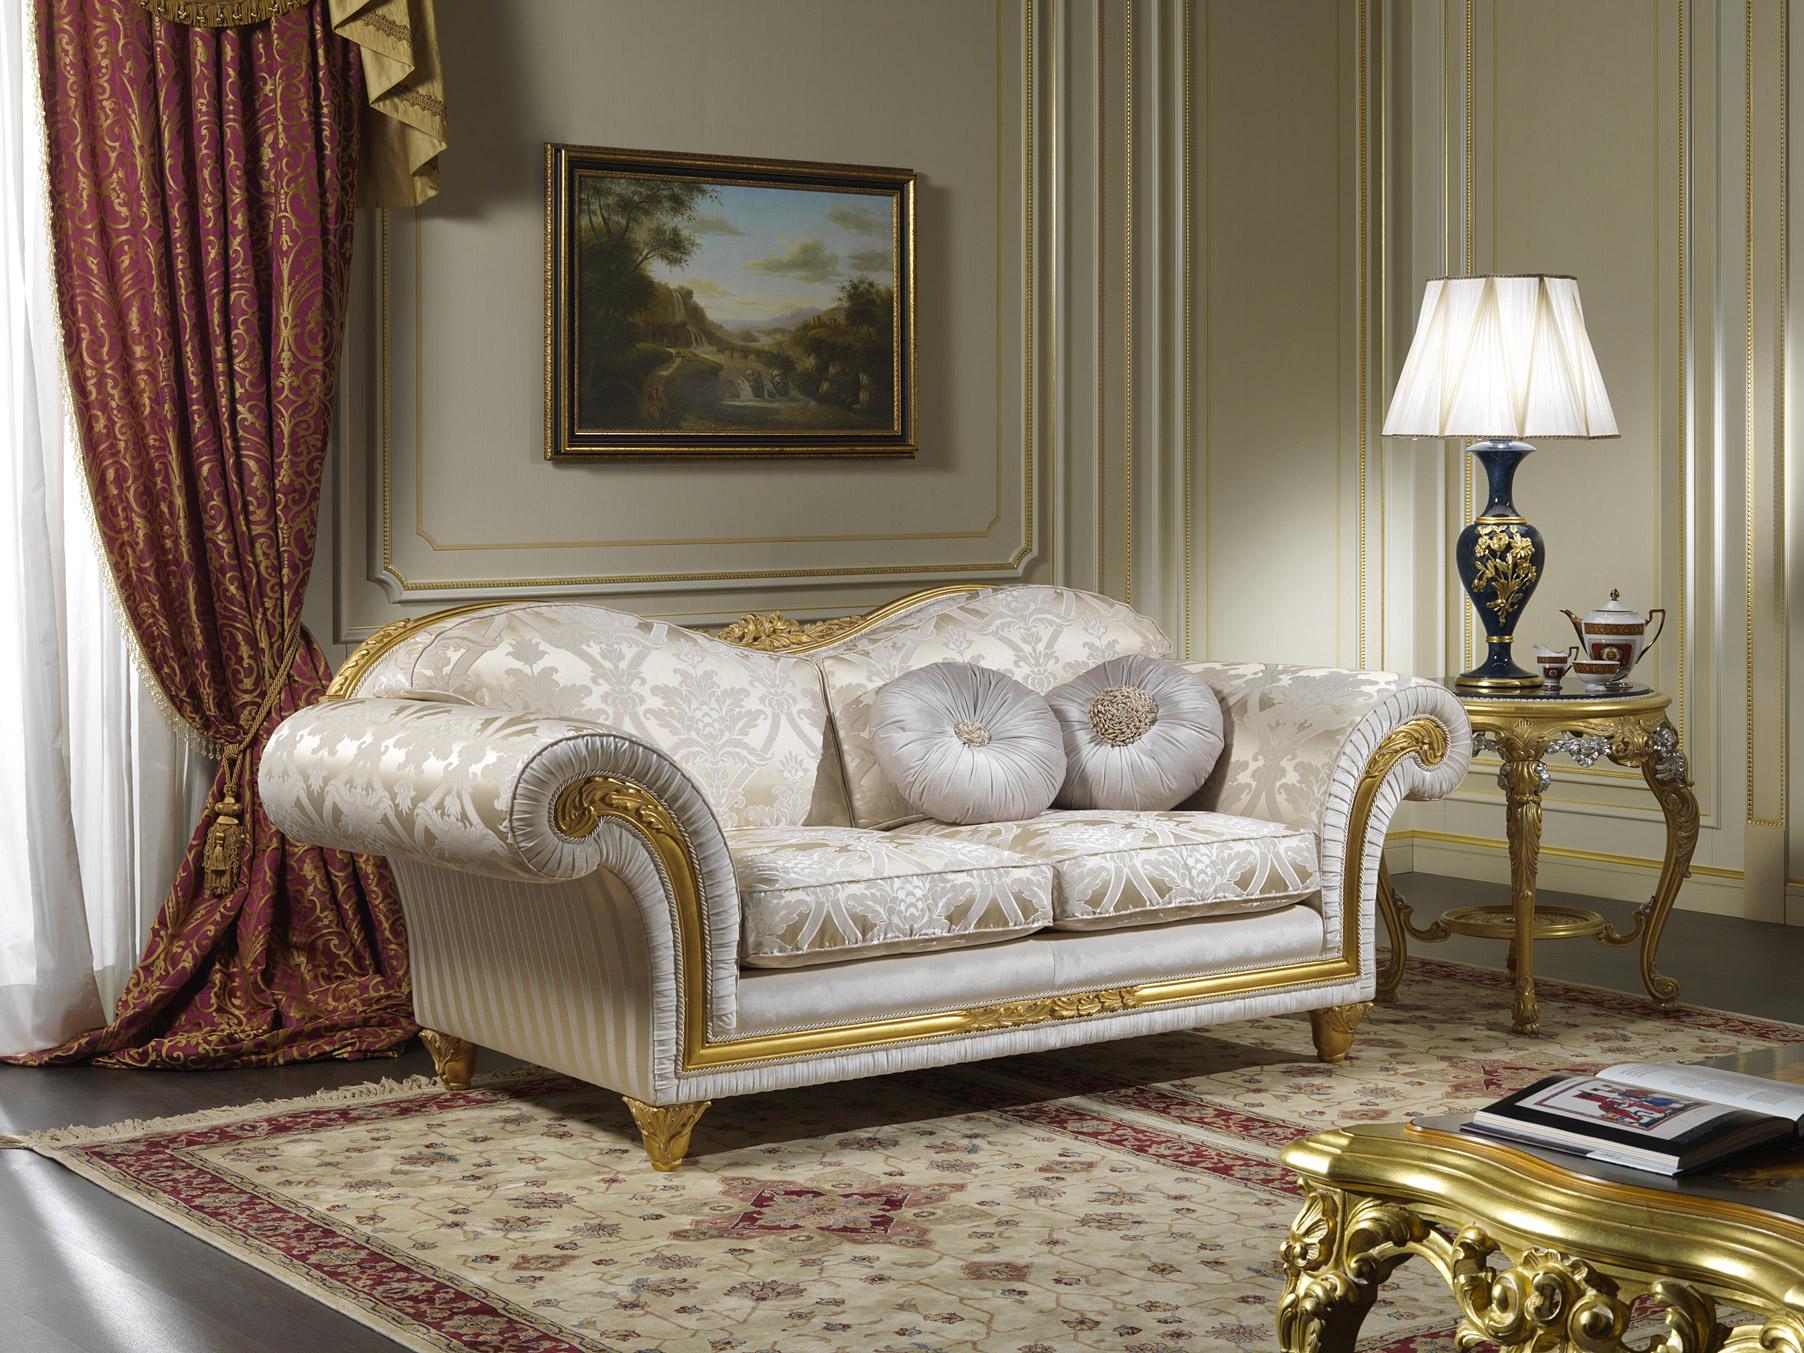 Arredamento per salotto in stile classico excelsior for Arredamento salotto classico